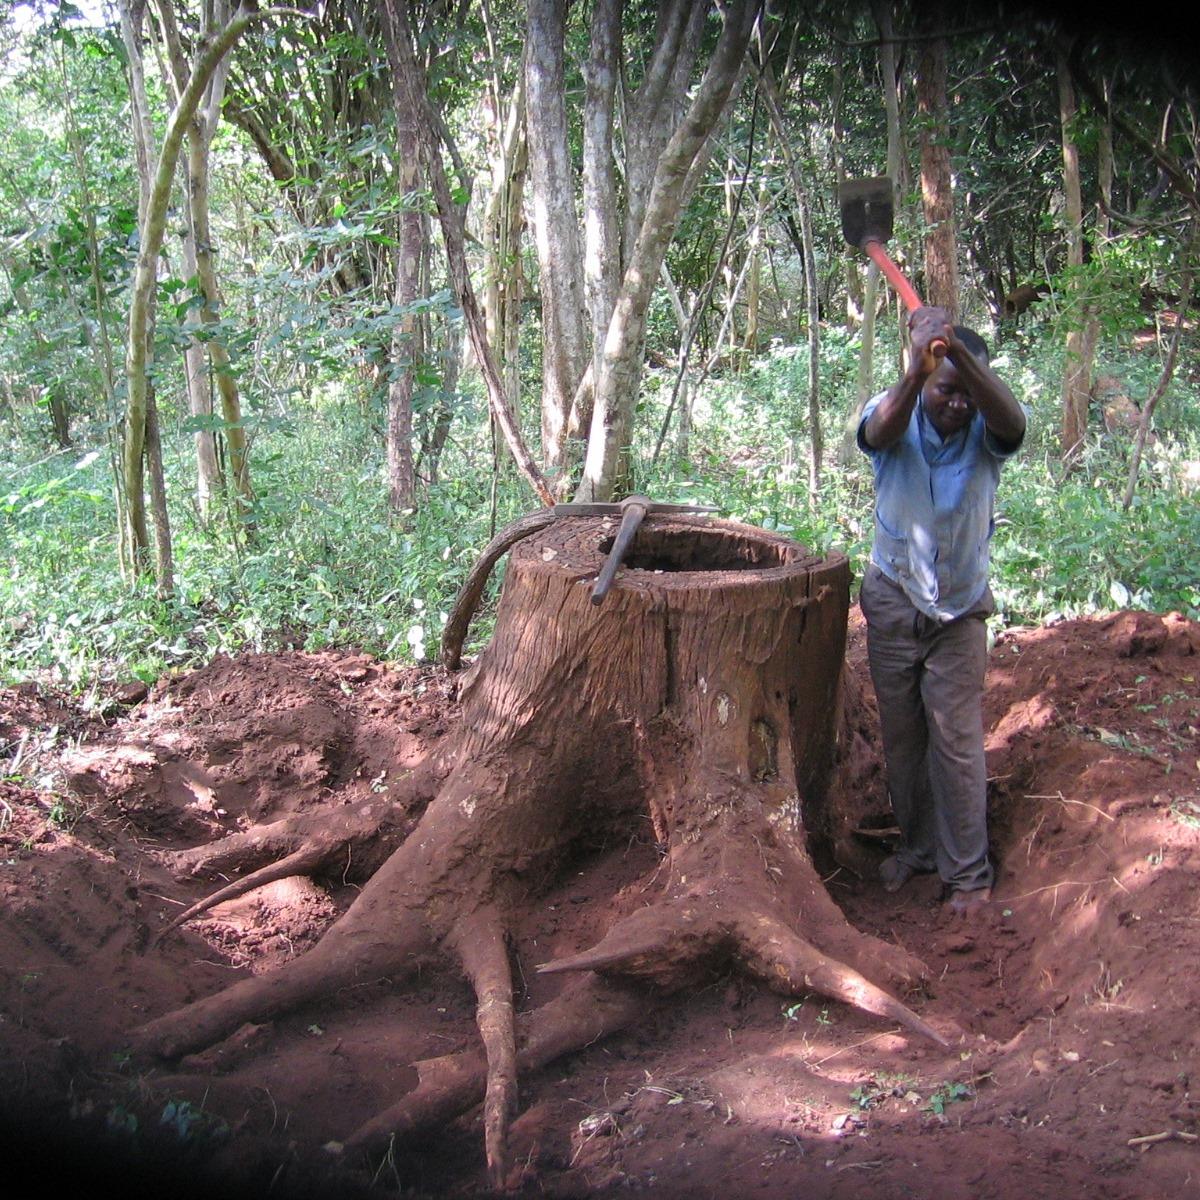 Cepos de colheitas de 1970 são retirados da terra para serem usados  - Stumps from felling in the 1970 are dug up to be used.